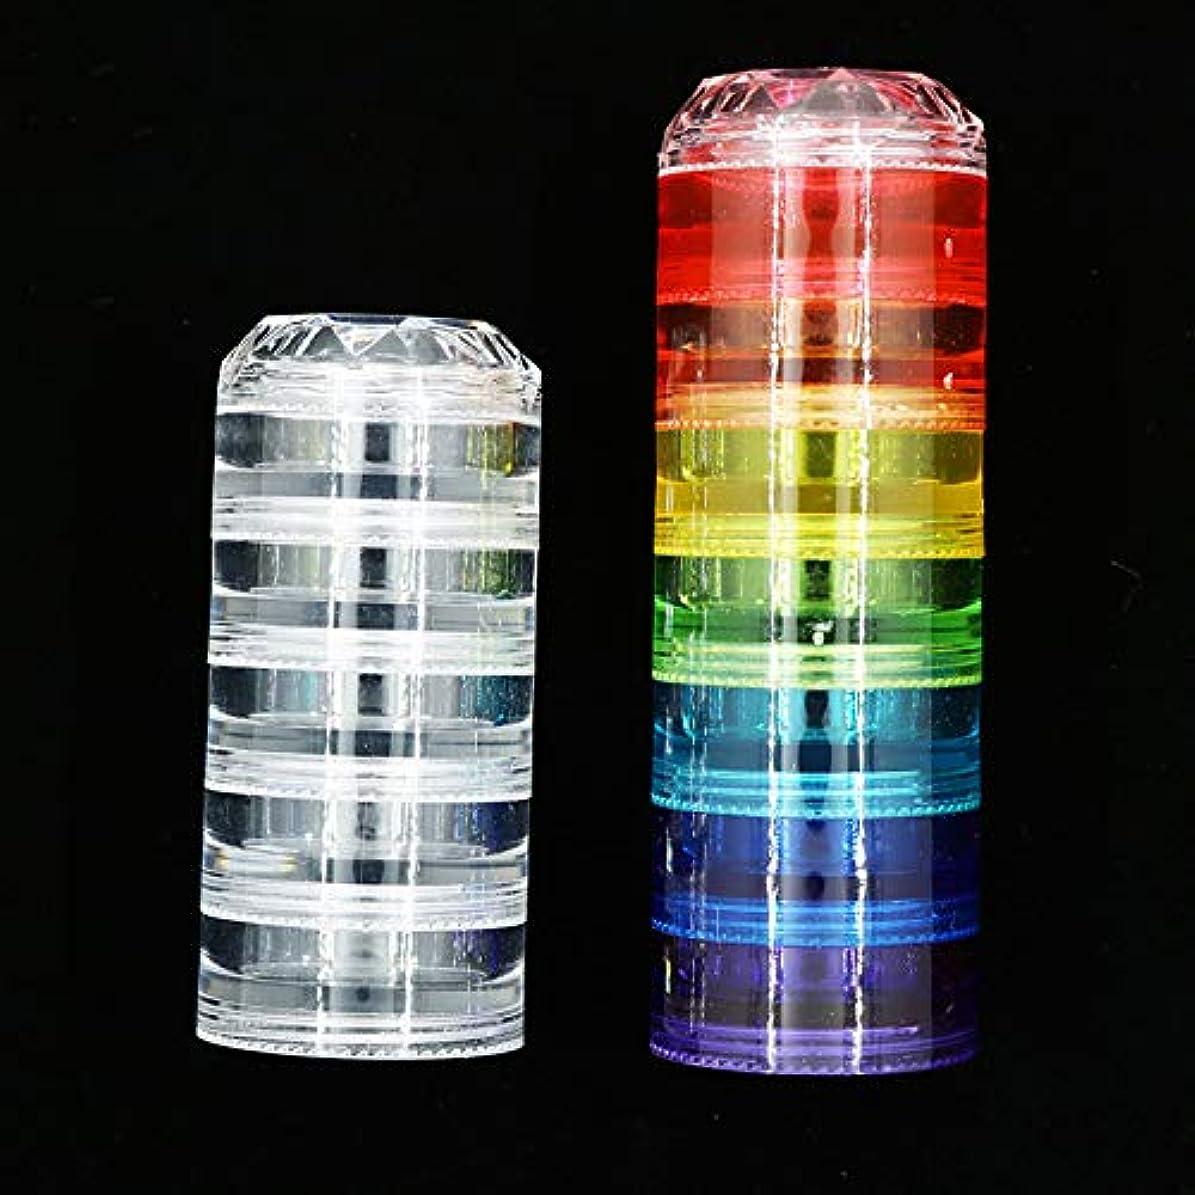 リボンブラザーうん新しいダイヤモンドシャム空箱セット12層レインボー多色ネイルジュエリーアクセサリー収納ボックス小さな部品瓶ツール